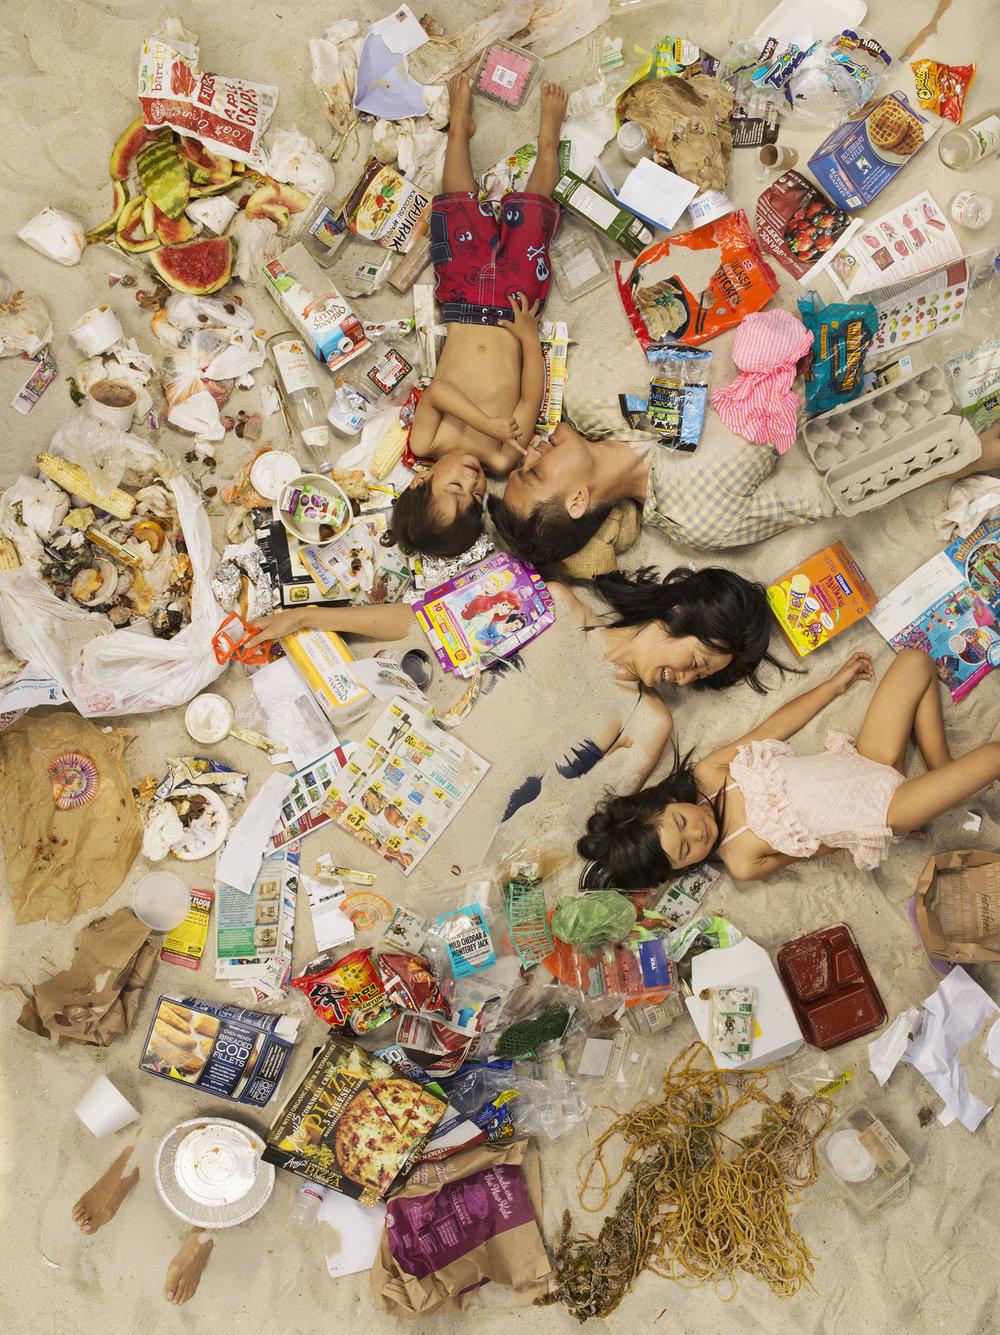 7 Days of Garbage_Michael, Jason, Annie & Olivia 66189.jpg